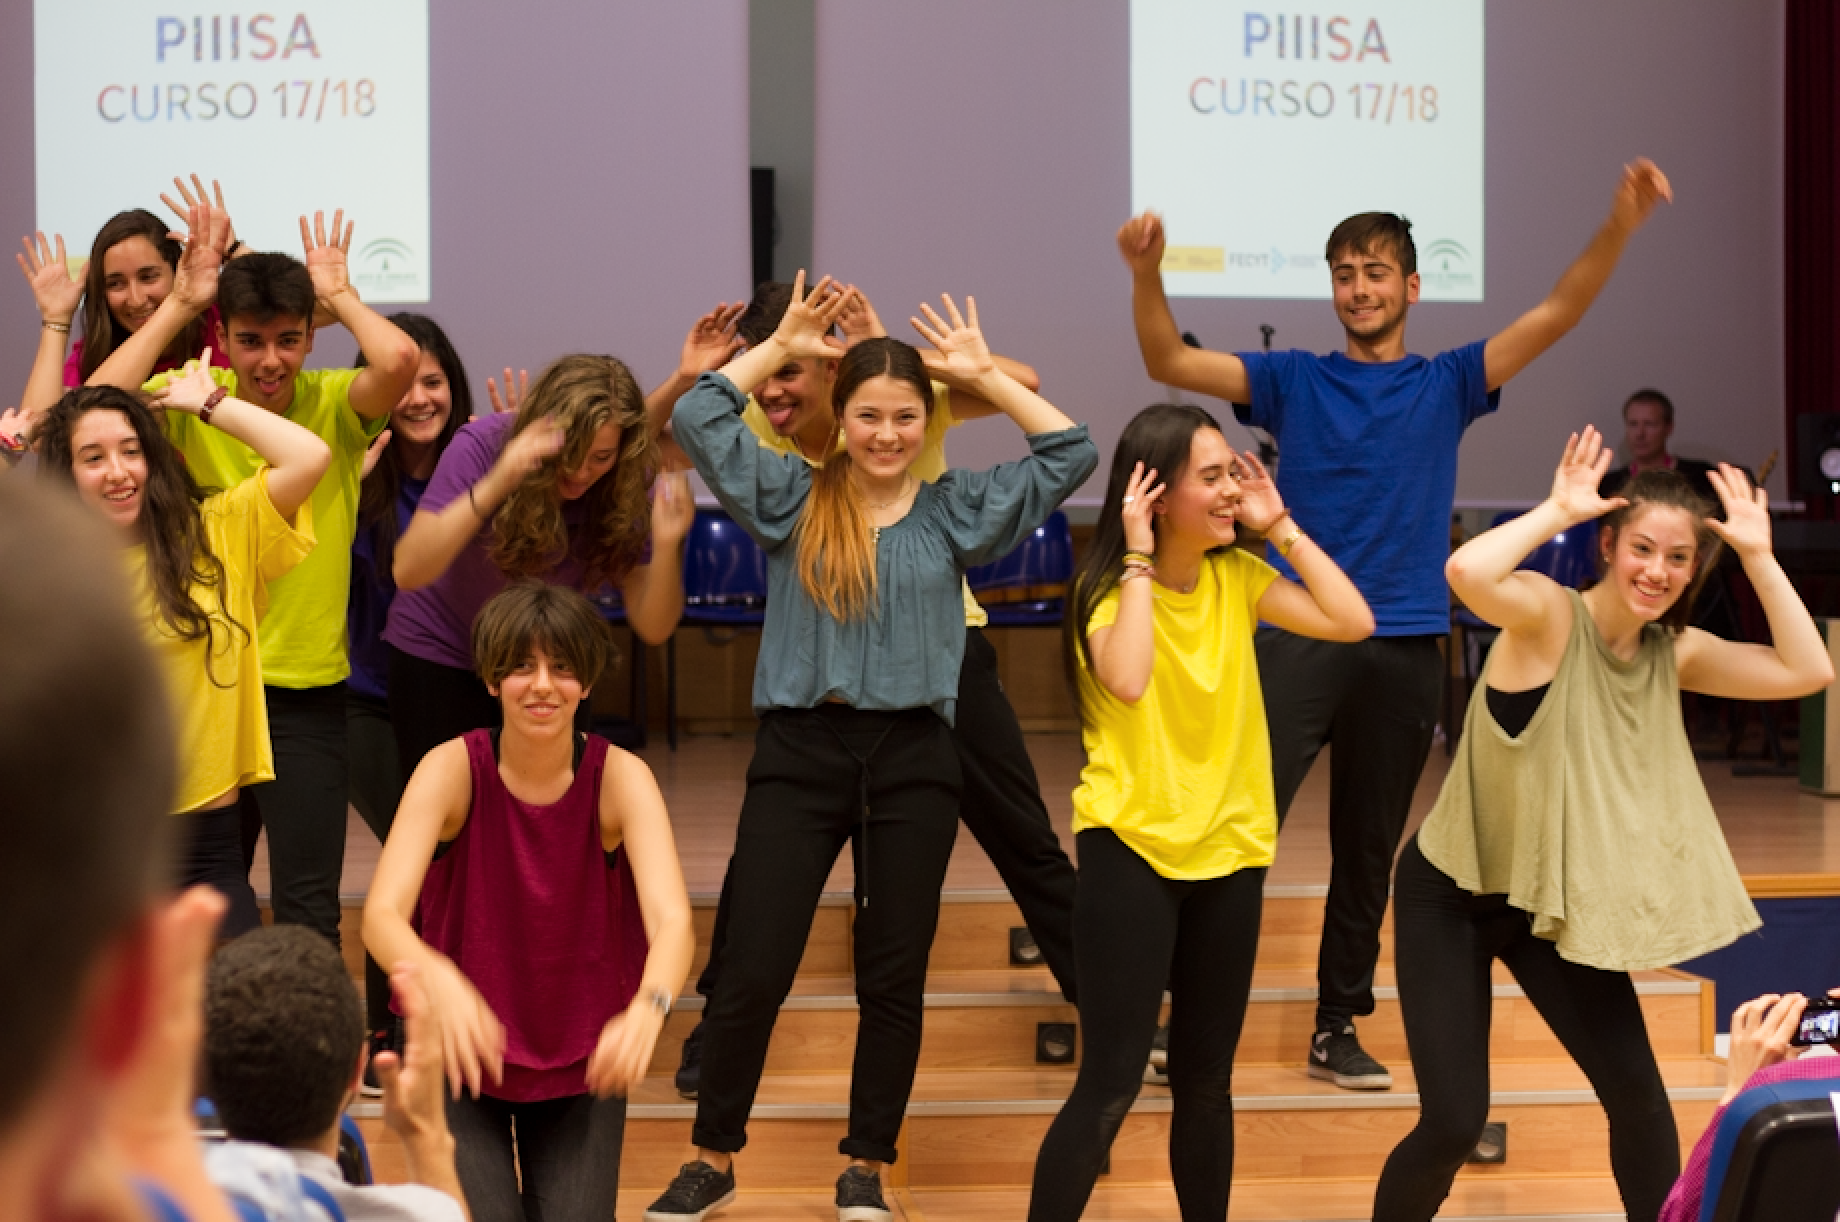 330 estudiantes de ESO y Bachillerato de la provincia participan en el IX Congreso PIIISA